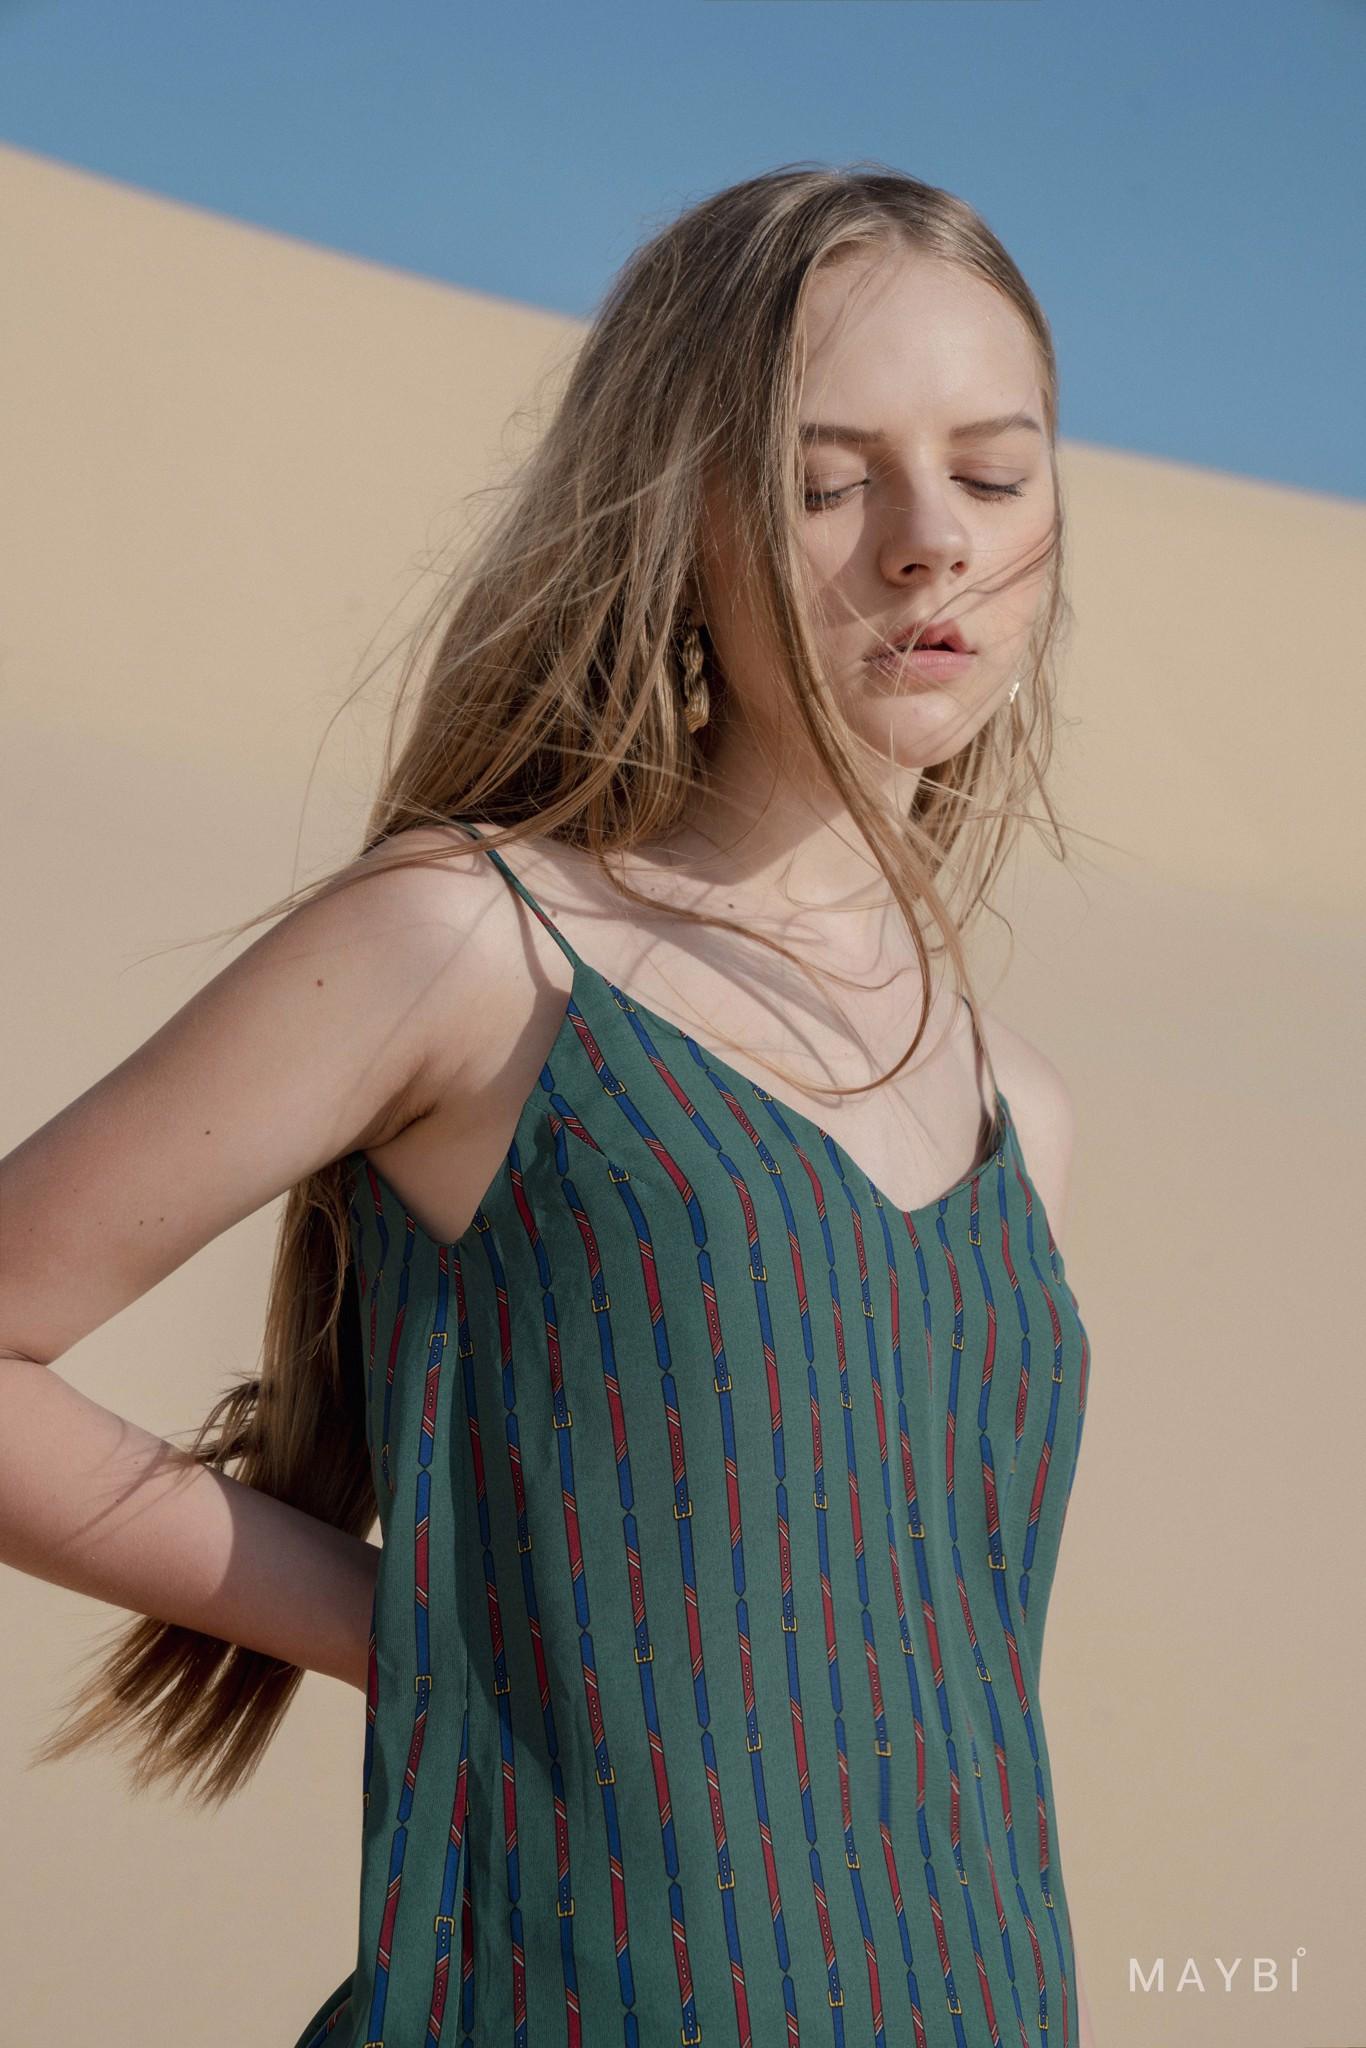 Đầm 2 dây xanh họa tiết  - Greenie Dress